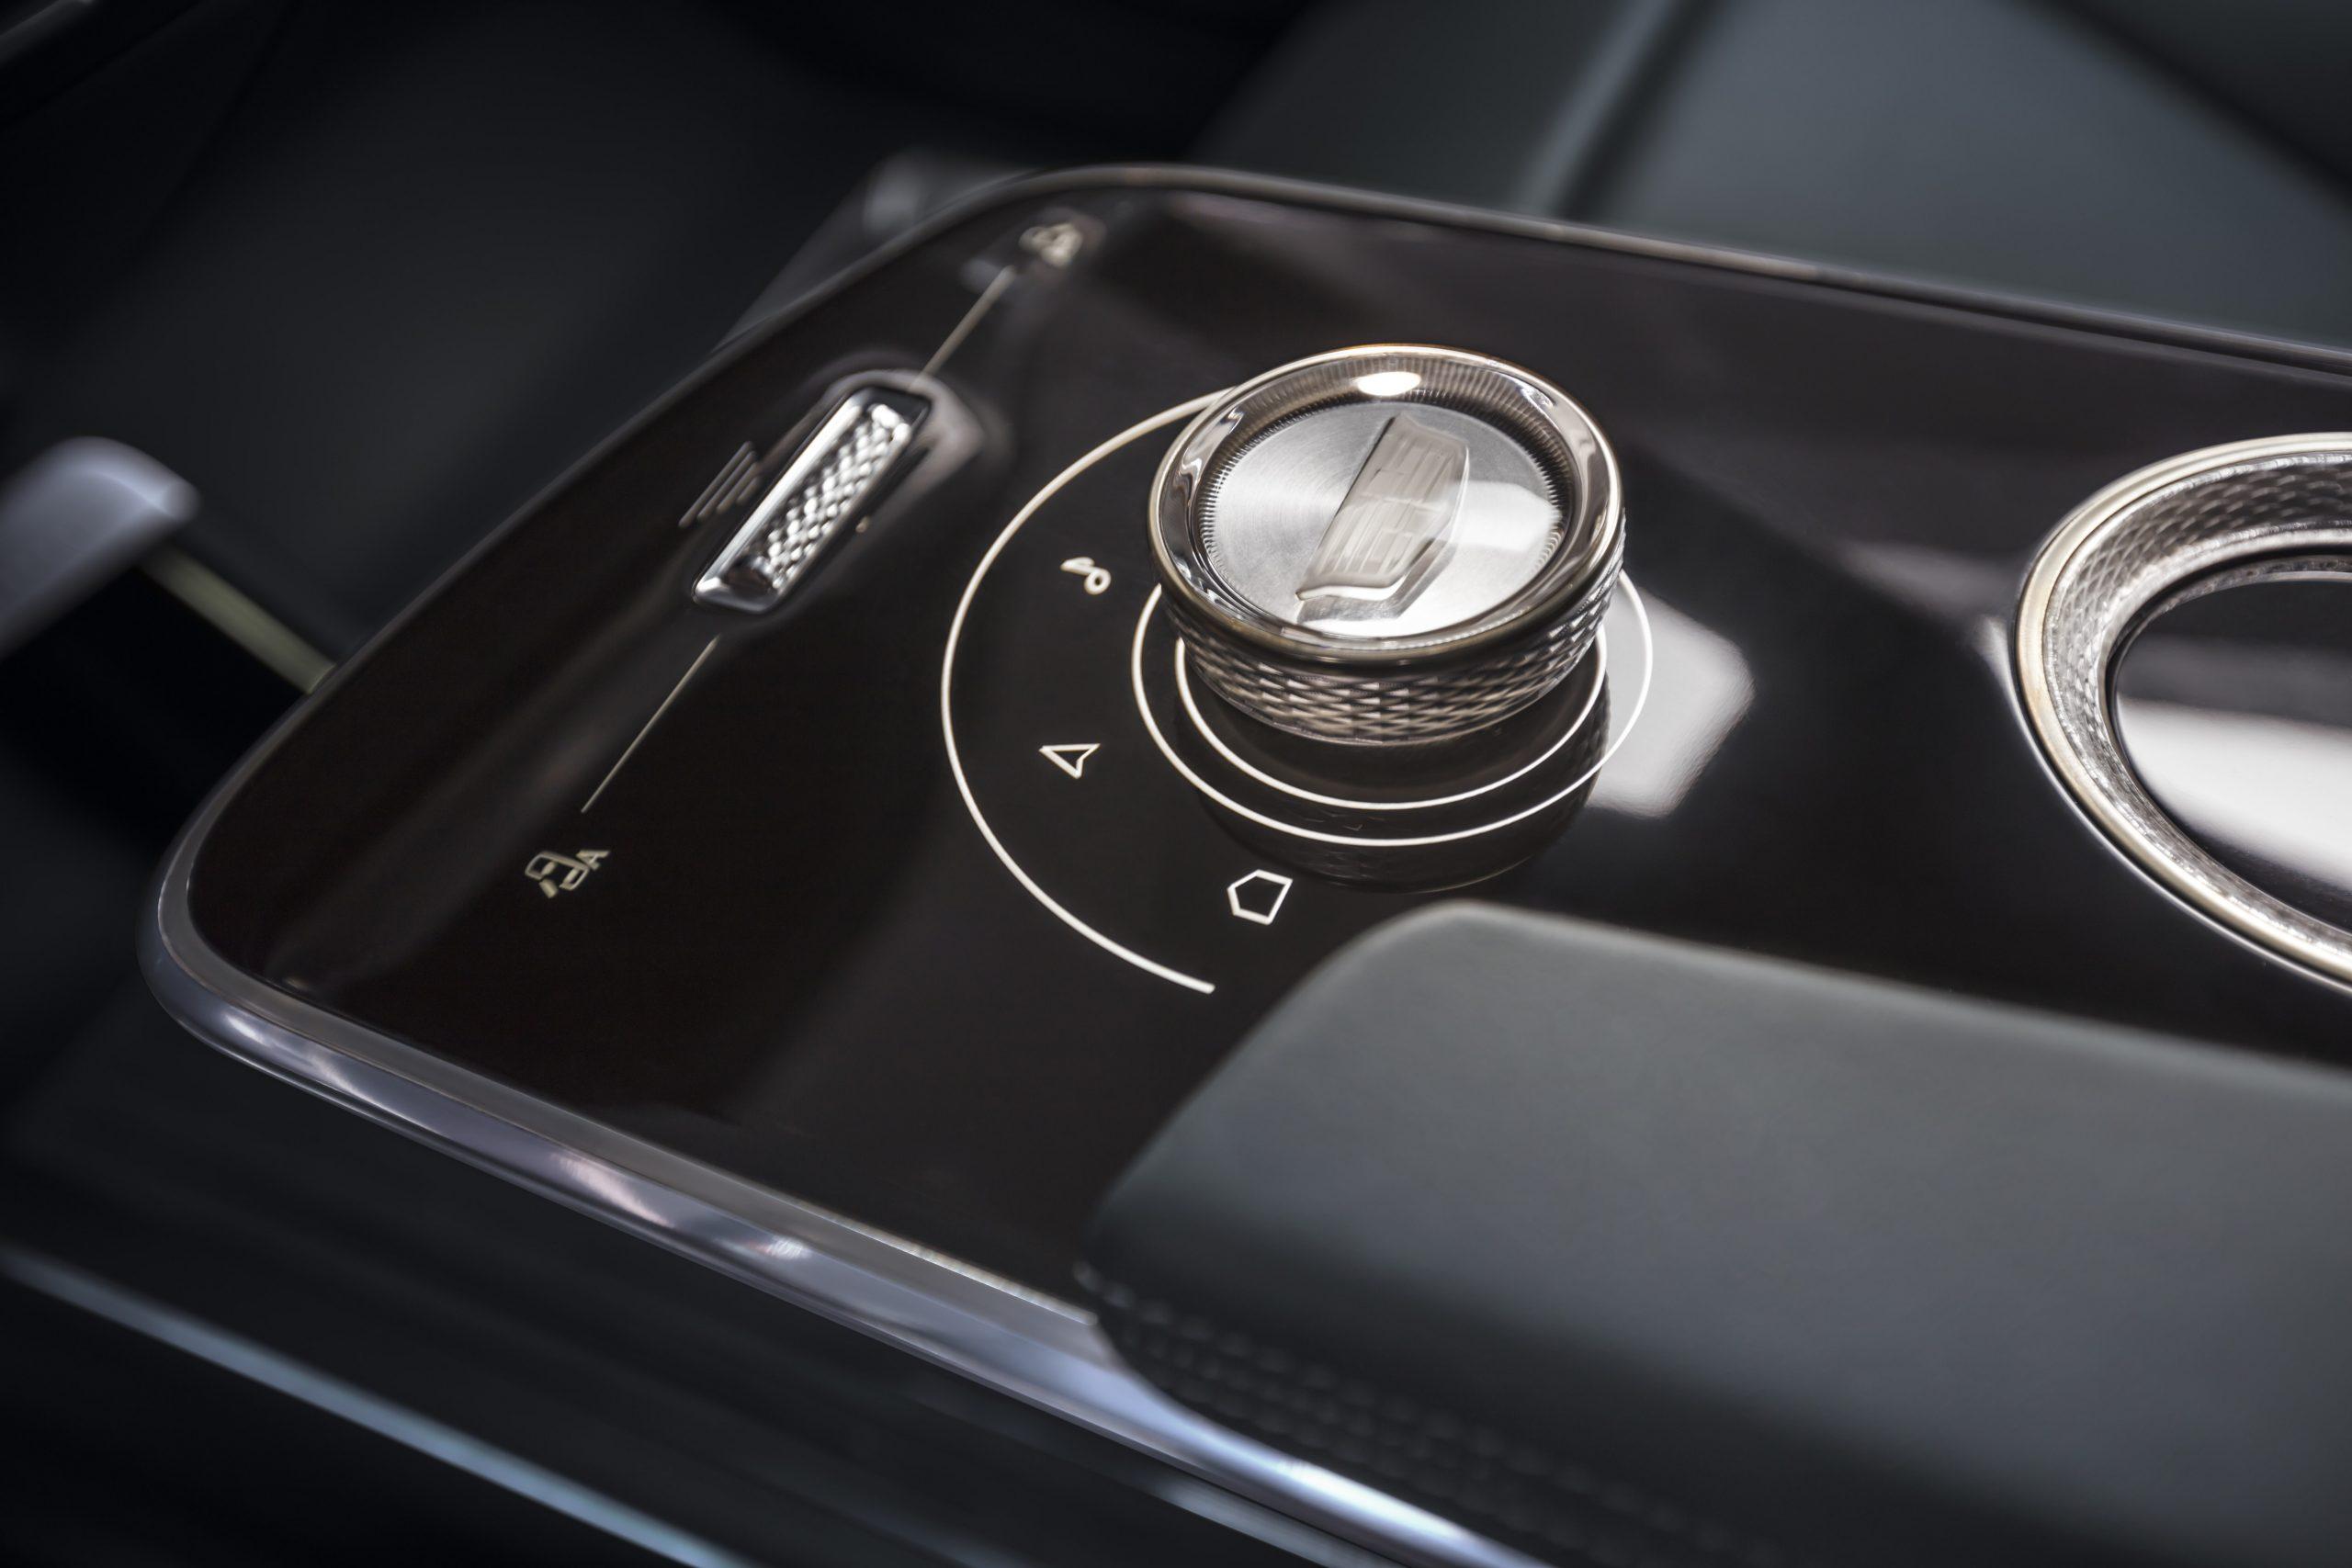 Cadillac LYRIQ's center console